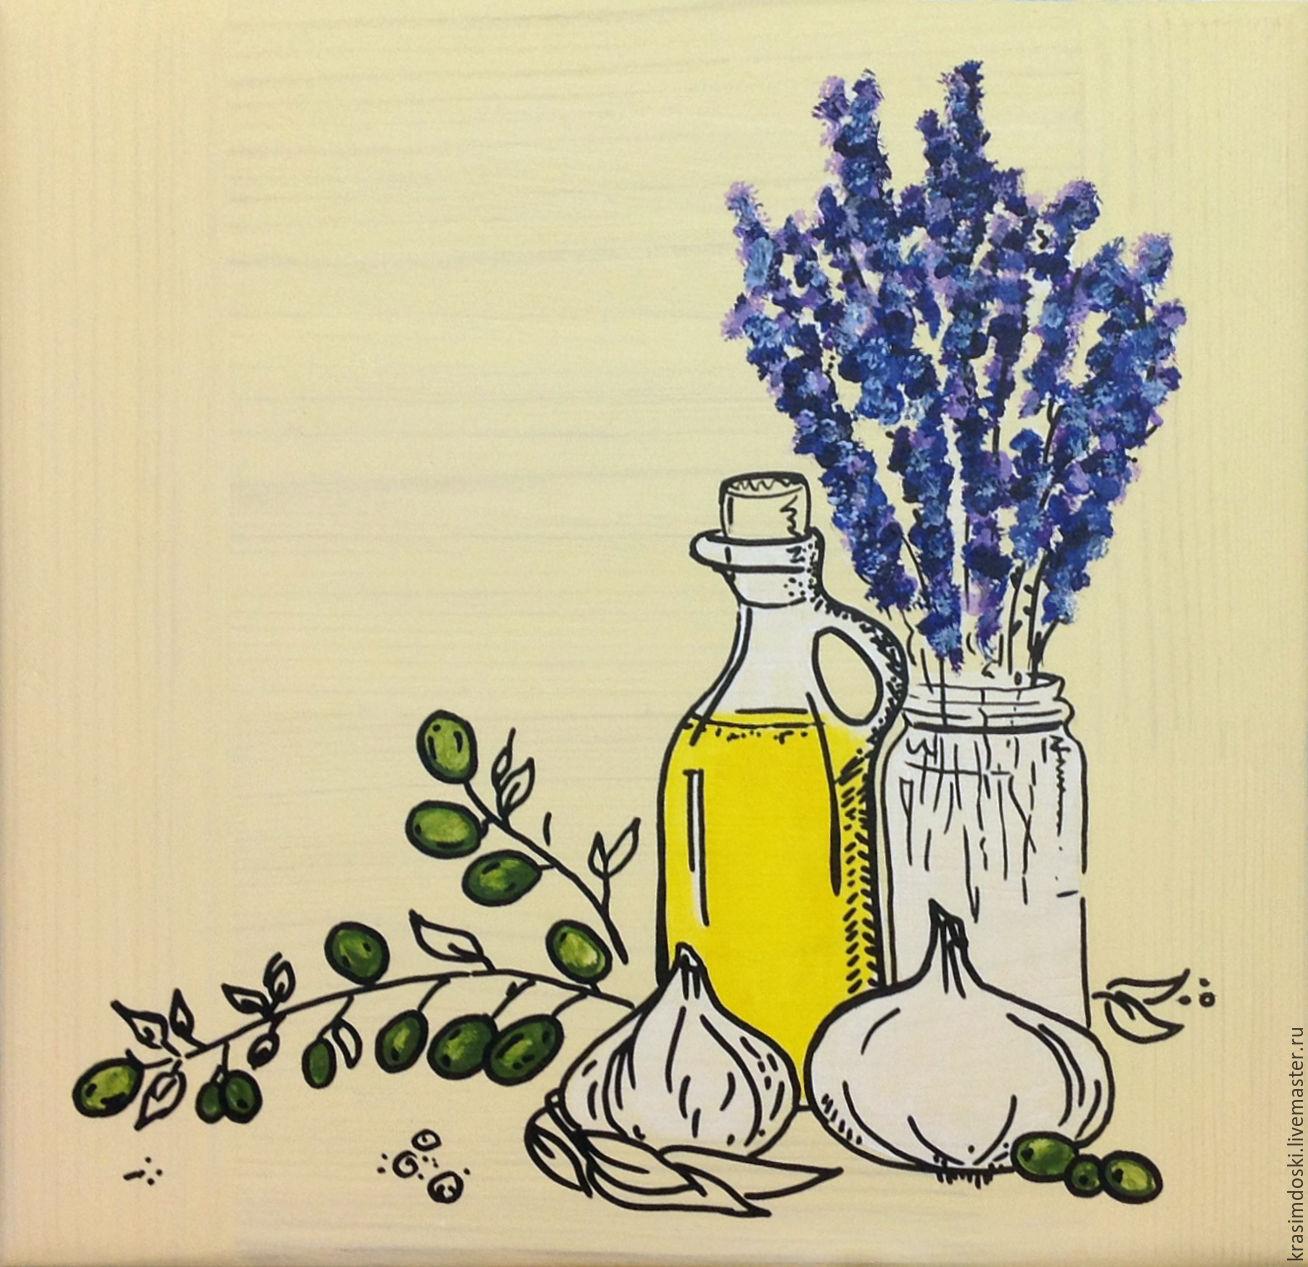 Вы чувствуете аромат прованских трав и оливок?))))